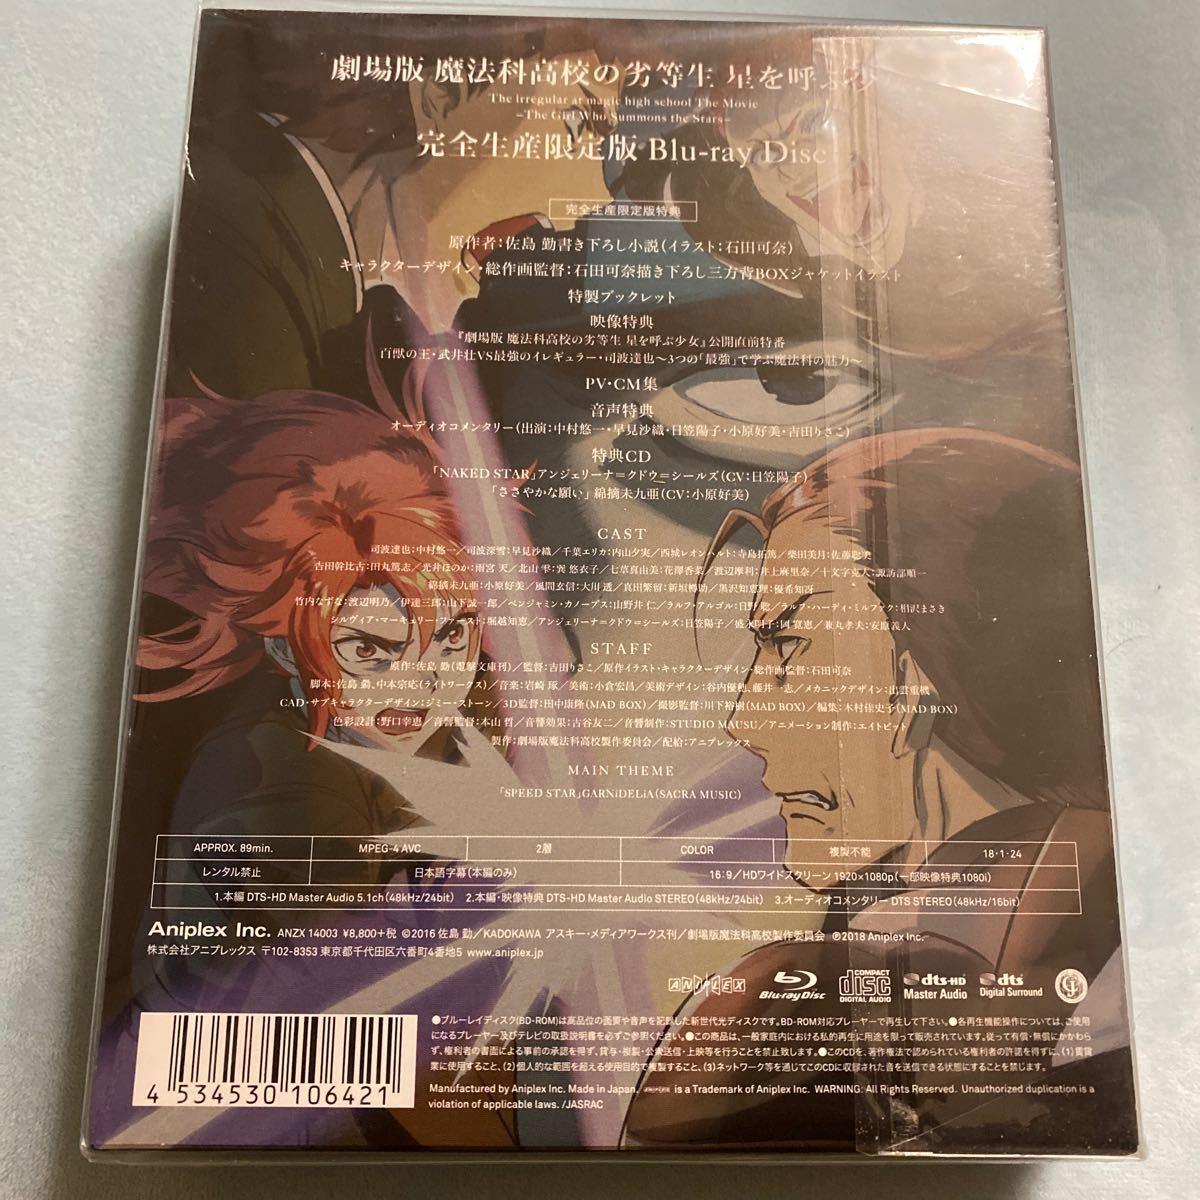 劇場版 魔法科高校の劣等生 星を呼ぶ少女 (完全生産限定版) Blu-ray 佐島勤、石田可奈、中村悠一